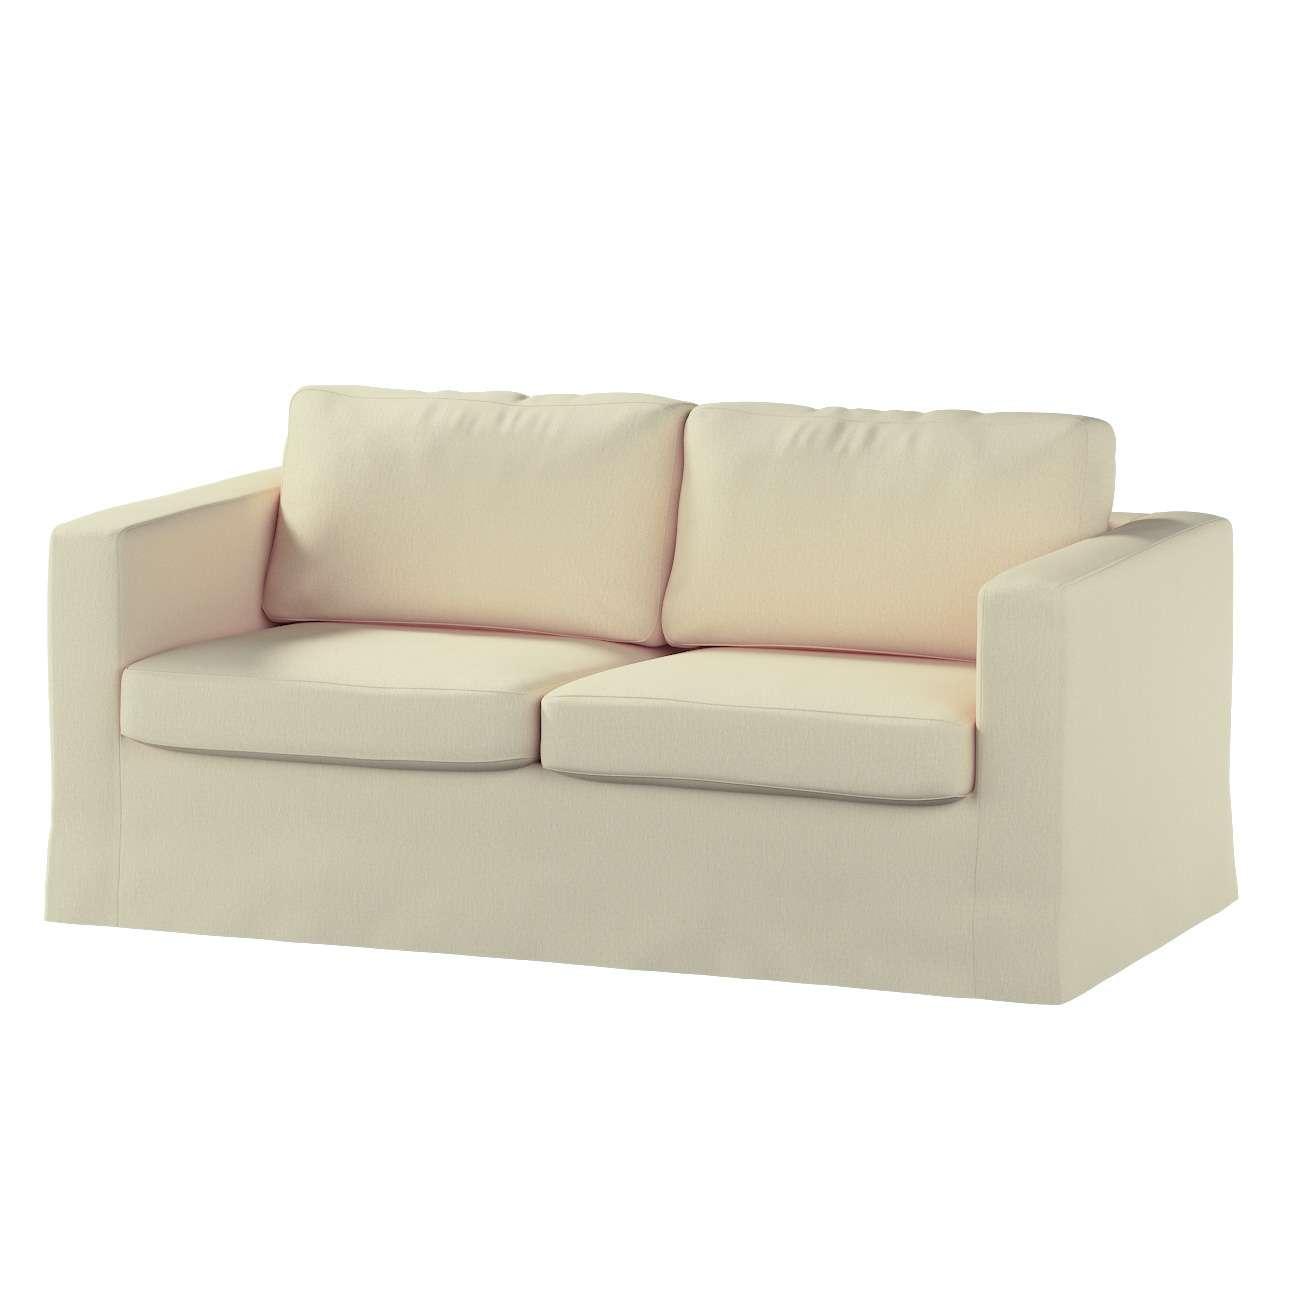 Pokrowiec na sofę Karlstad 2-osobową nierozkładaną długi Sofa Karlstad 2-osobowa w kolekcji Chenille, tkanina: 702-22